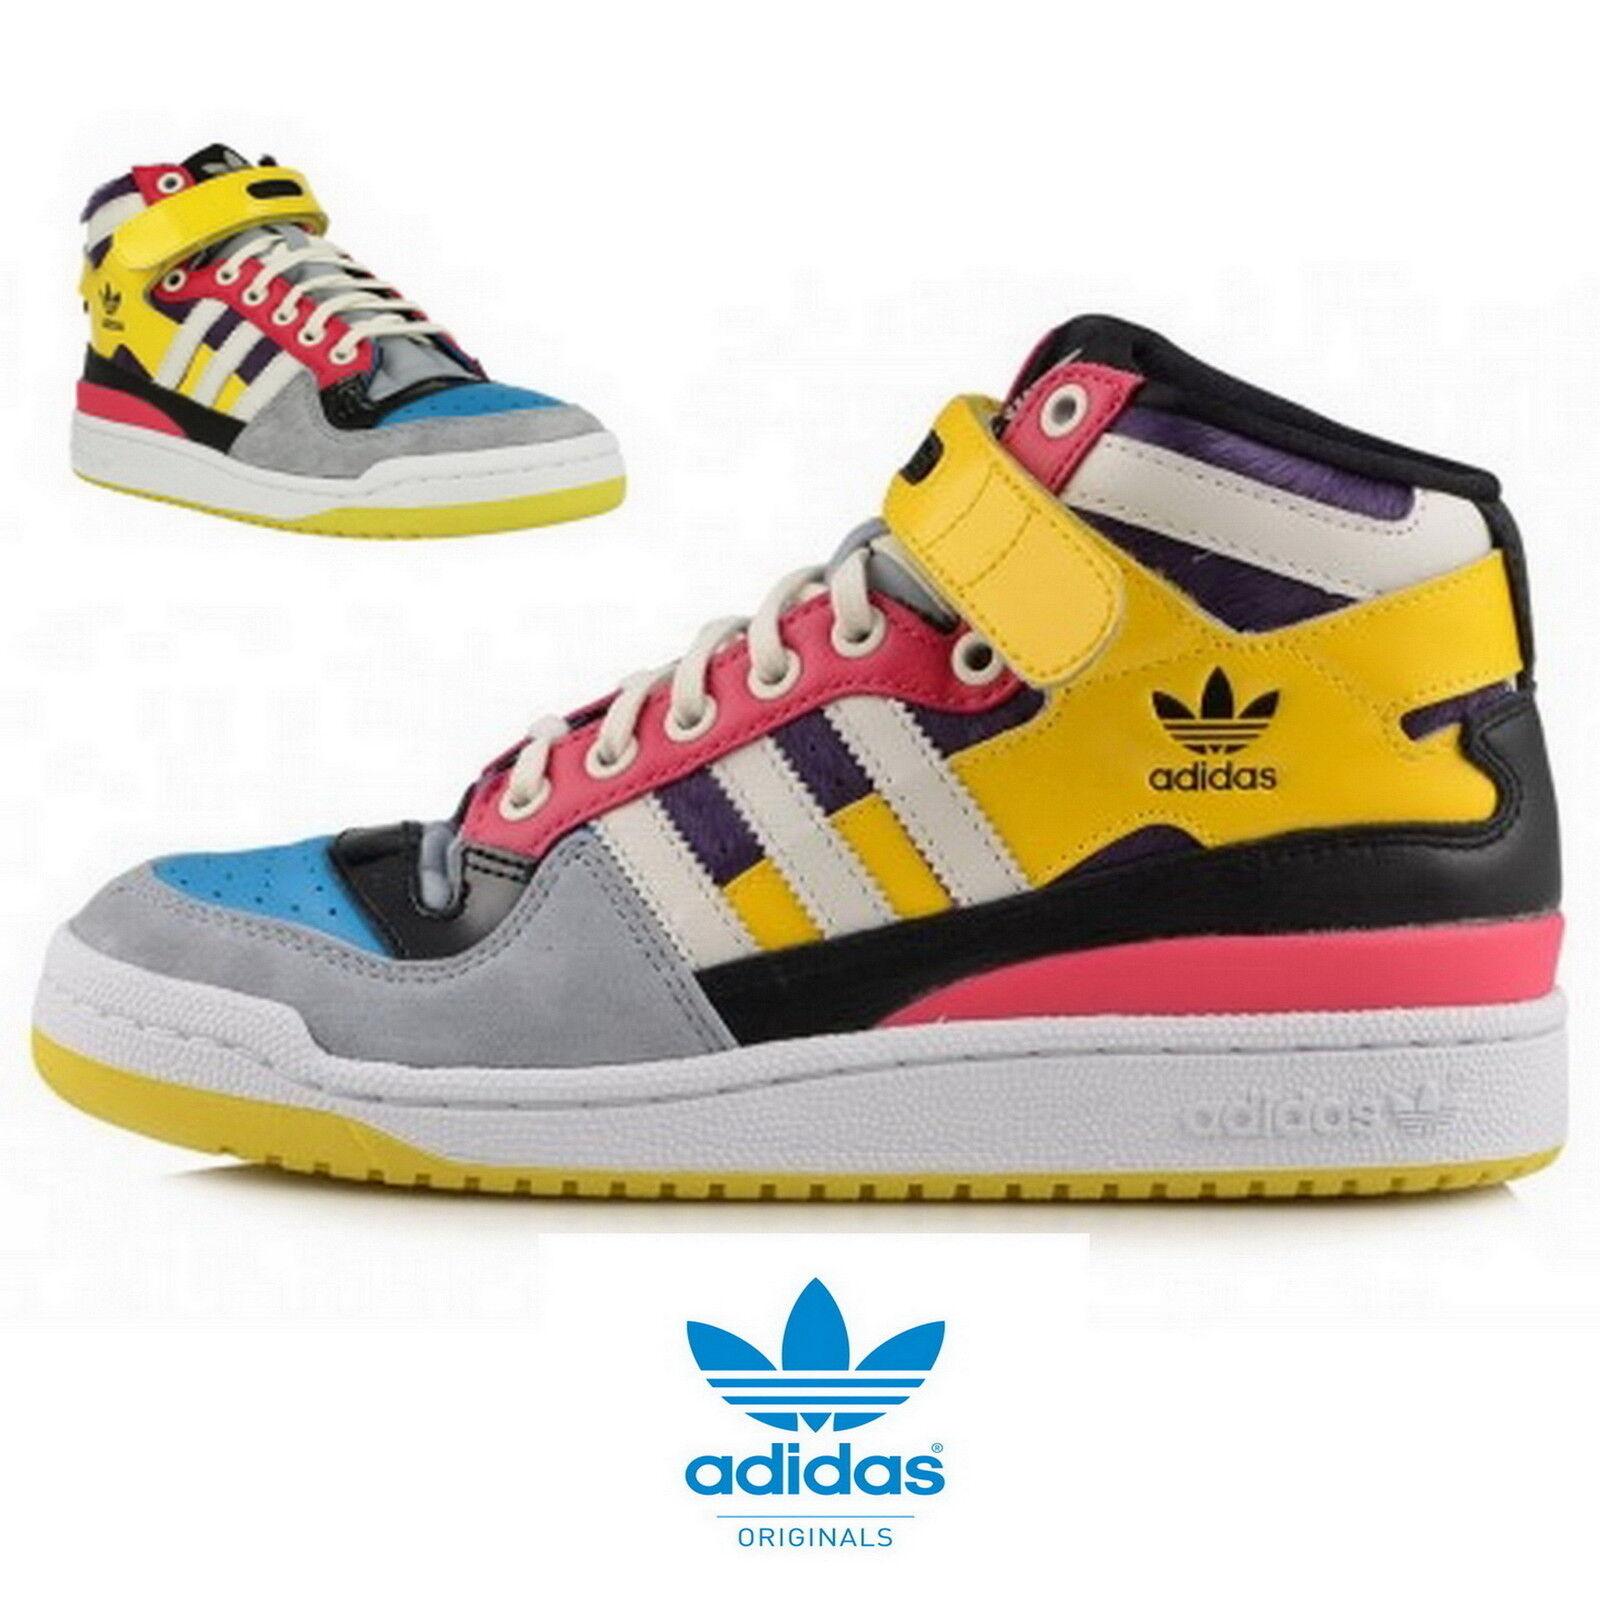 adidas FORUM MID W Damen Sneaker Multicolor M25100